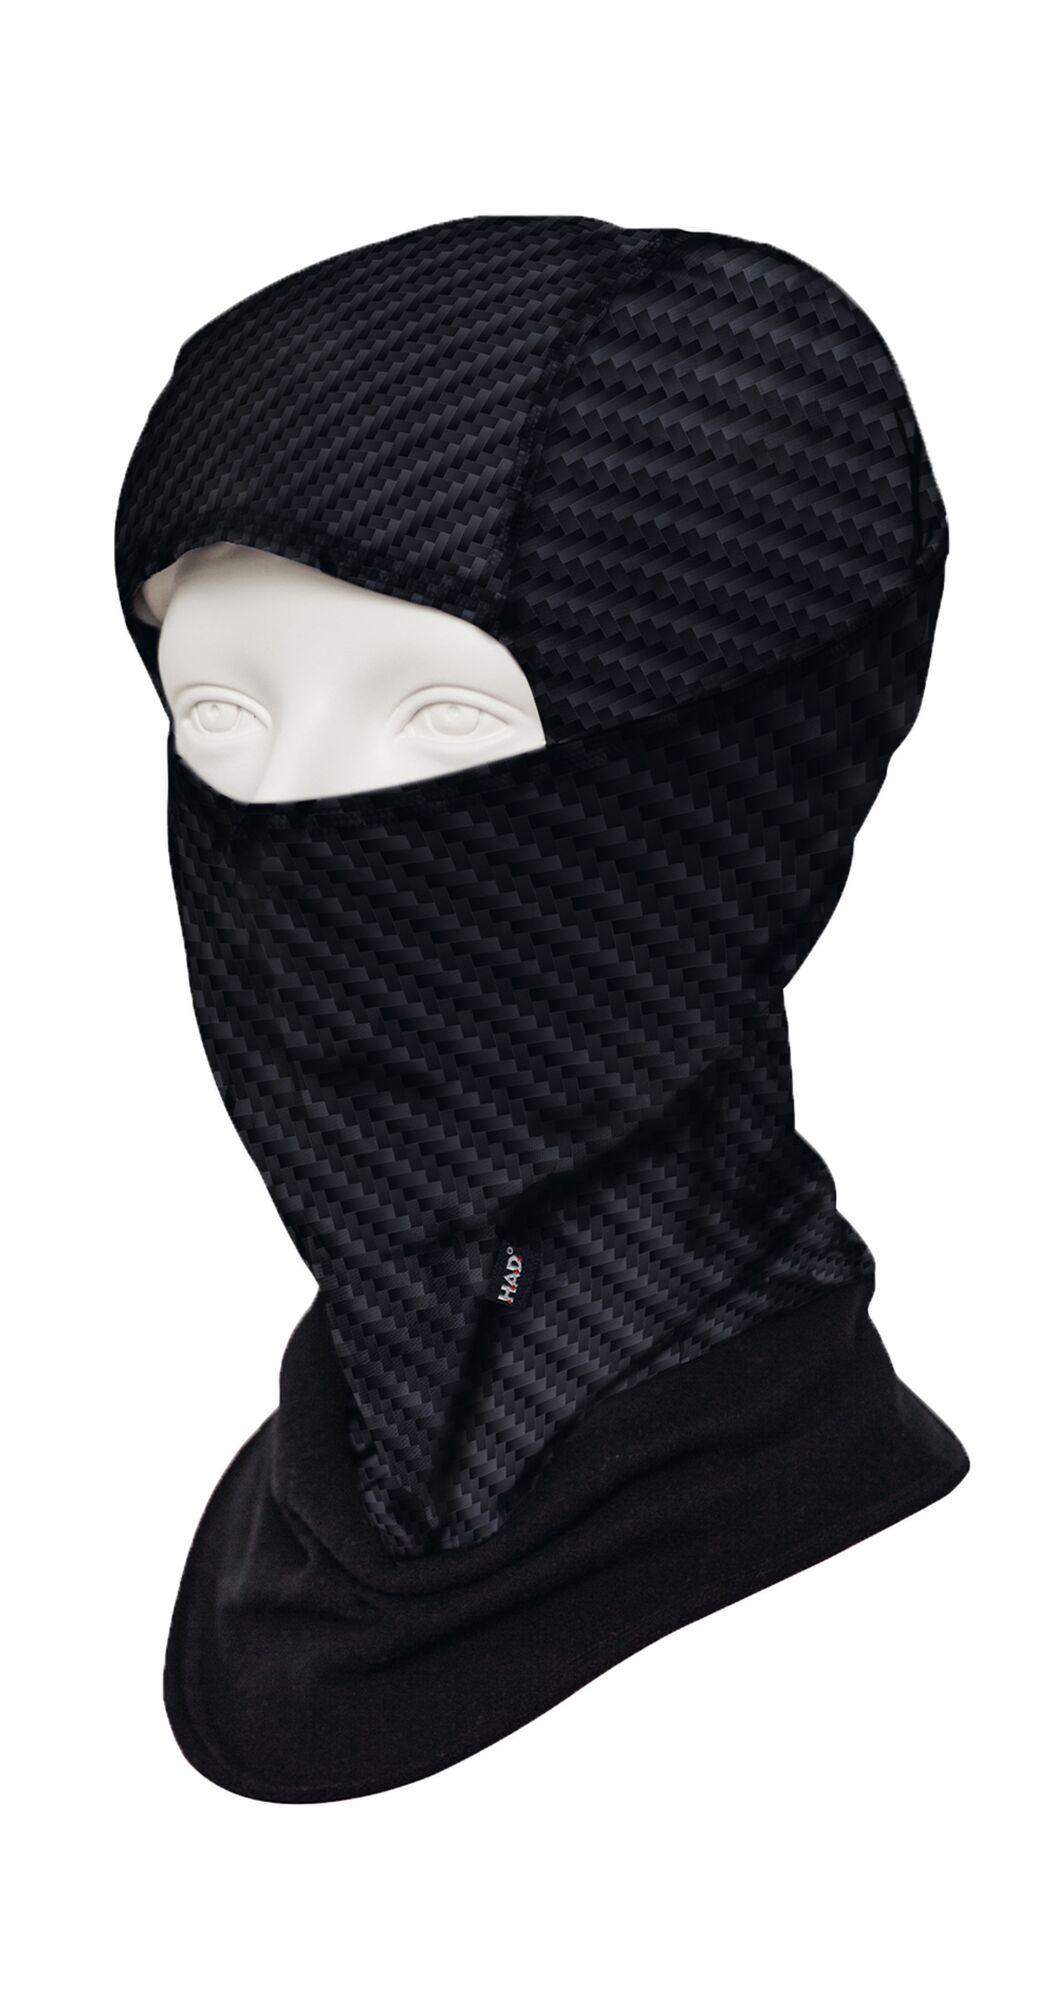 H.A.D. Mask (Carbon)